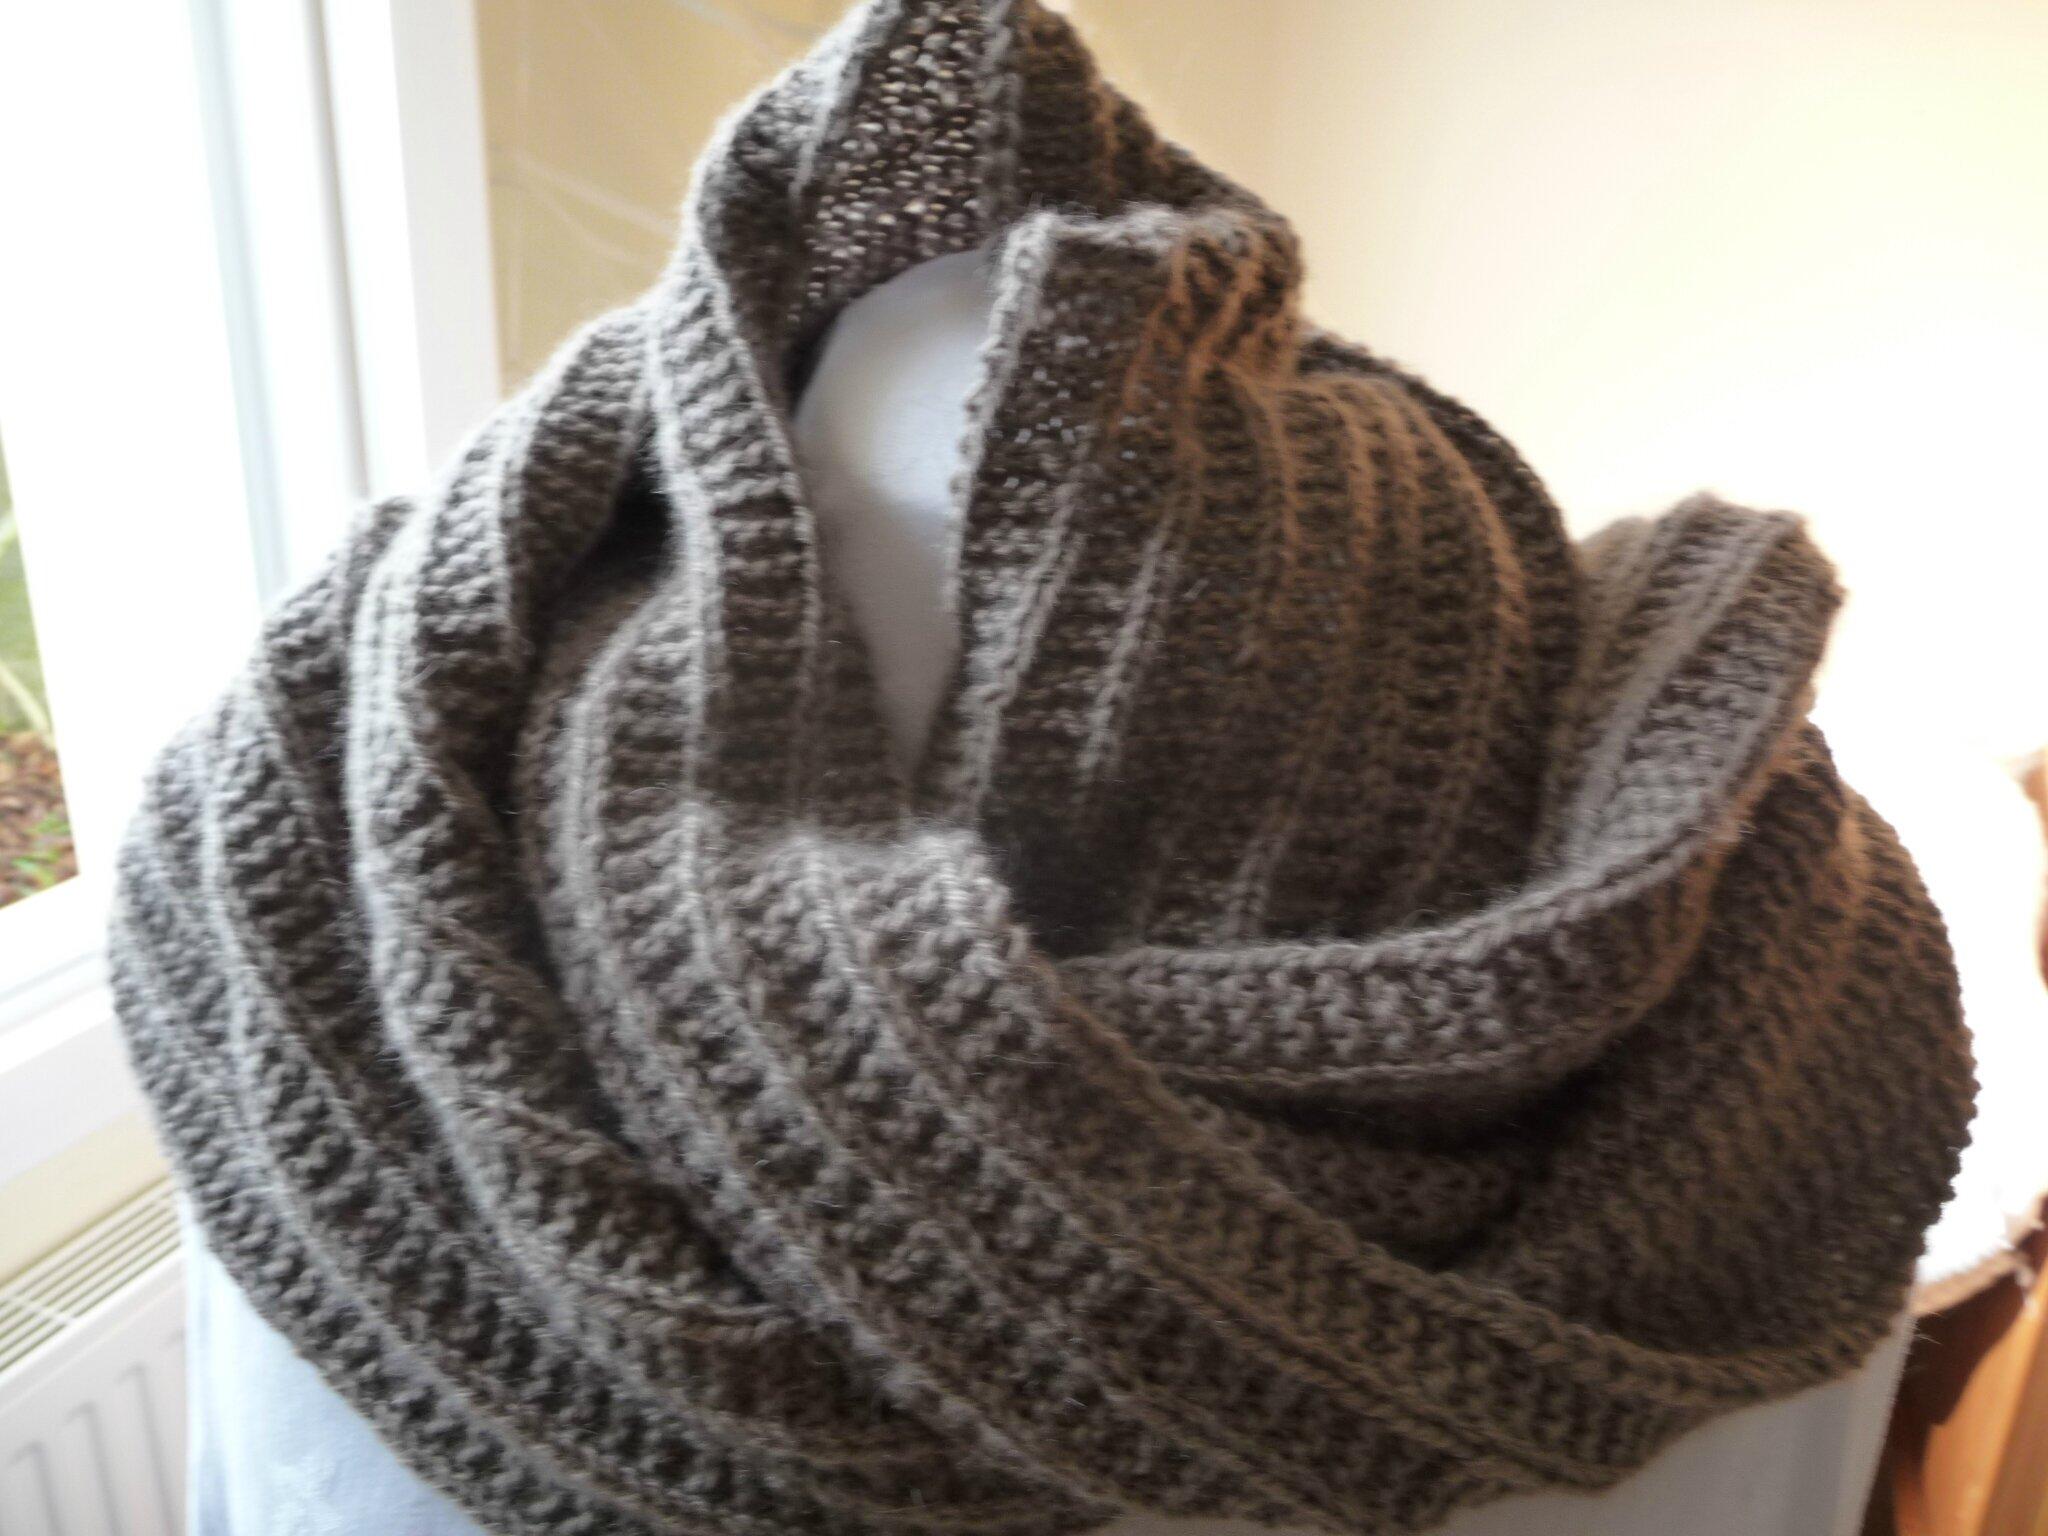 bf52165dfaf19 Une écharpe toute douce en laine alpaga couleur terre.... - La Malle ...